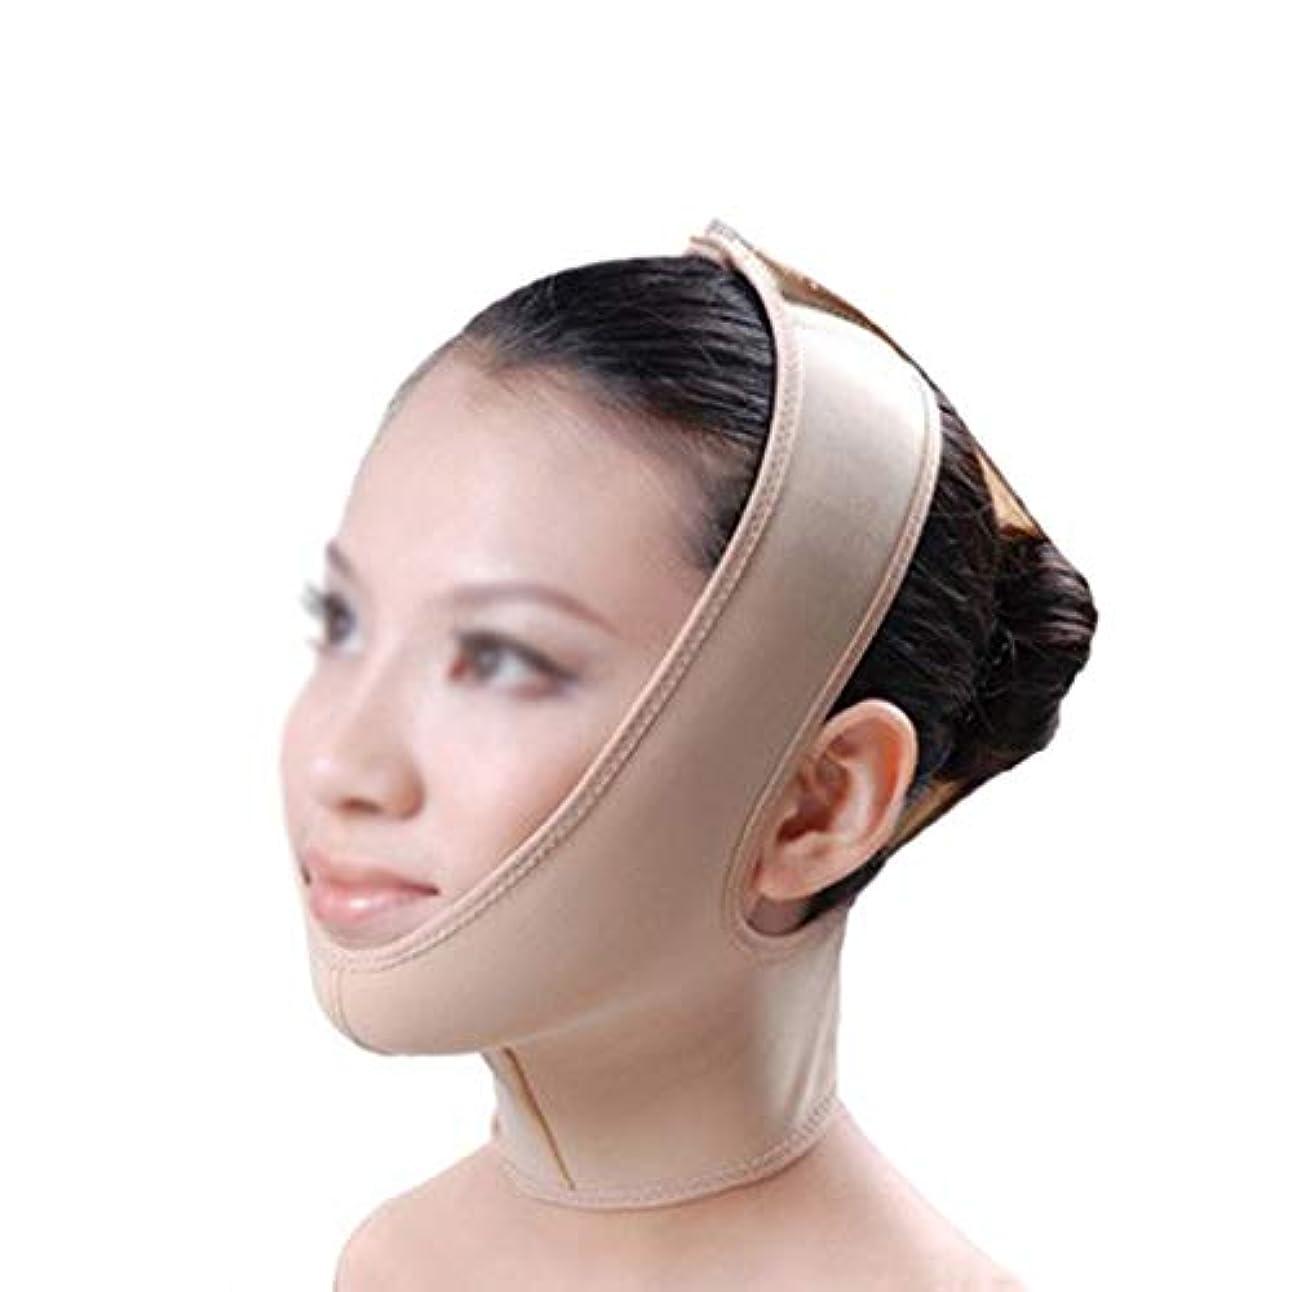 銀行爆弾イベントダブルチンストラップ、包帯リフト、引き締めフェイシャルリフト、フェイシャル減量マスク、リフティングスキン包帯,男性と女性の両方が使用できます (Size : M)